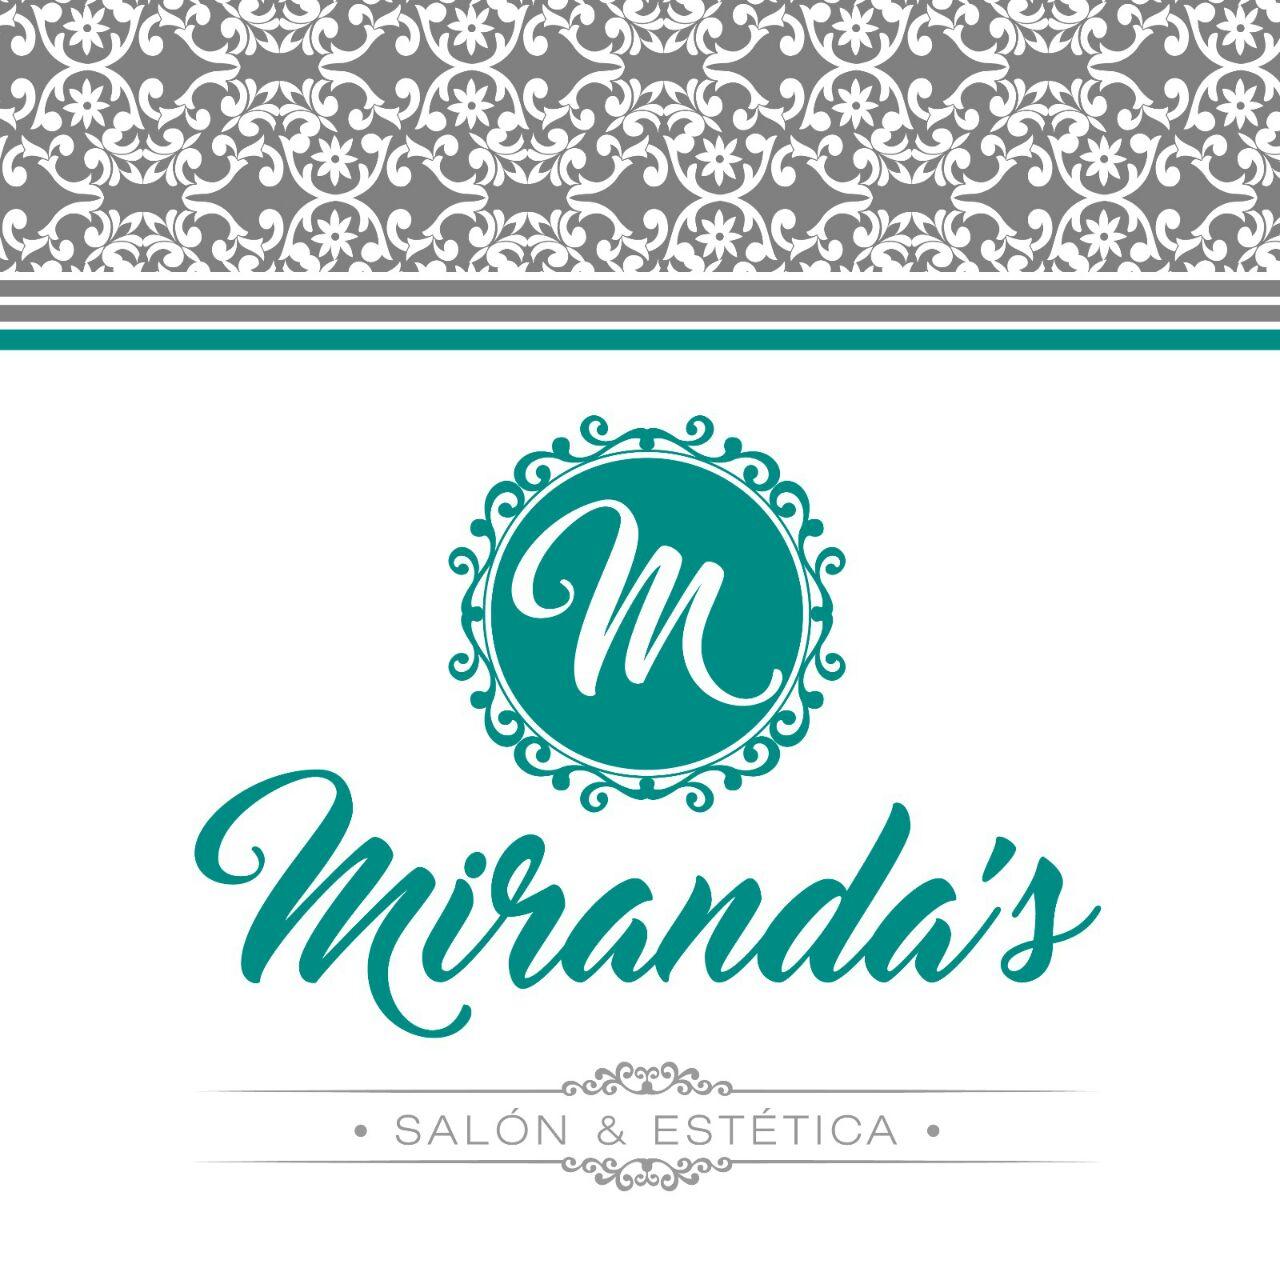 Miranda's Salón y Estética